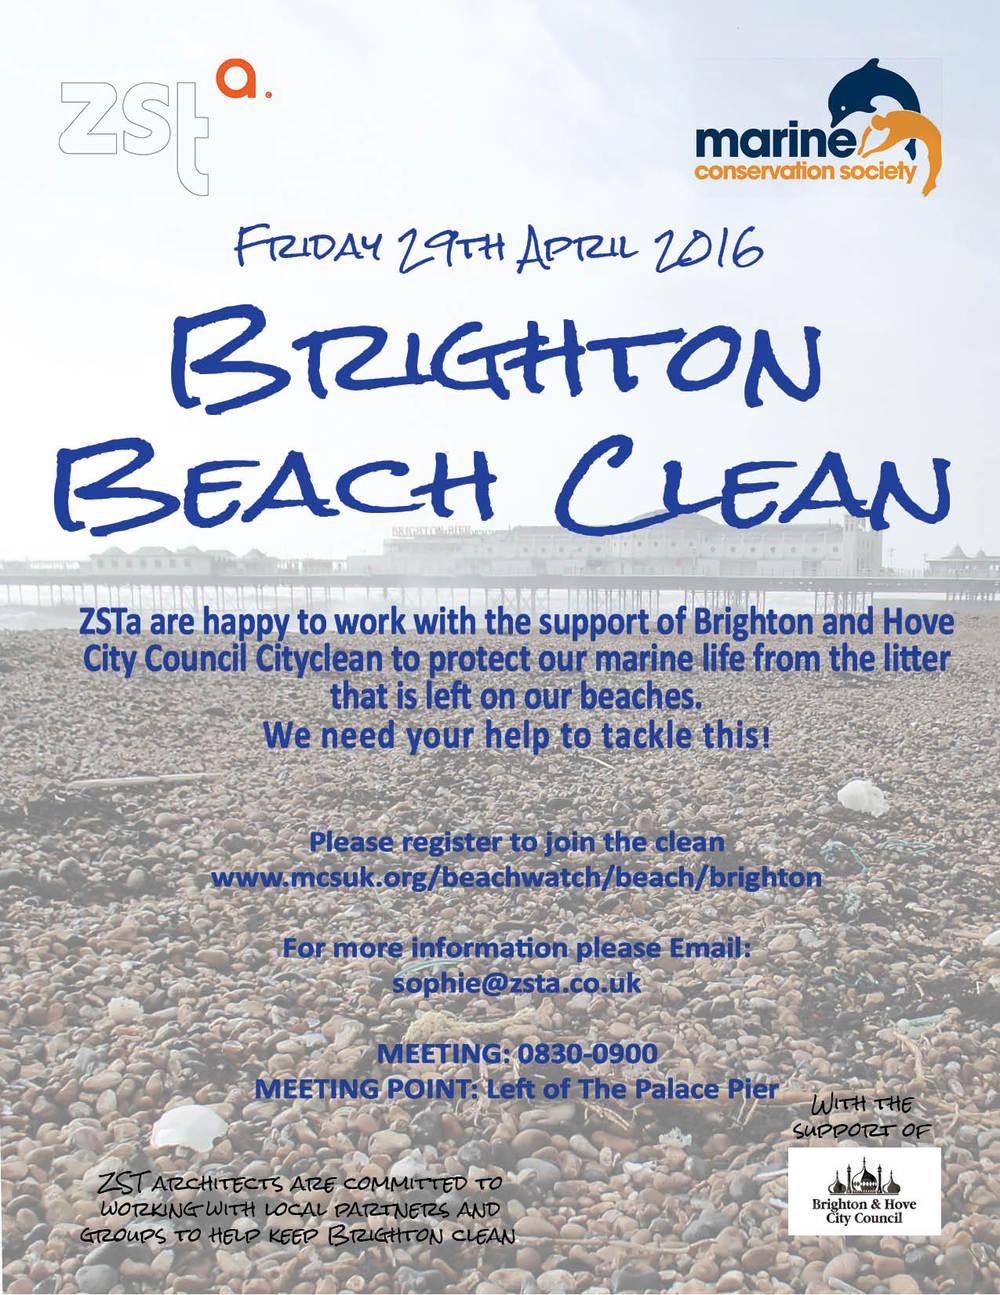 Brighton Beach Clean 29th April (4).jpg